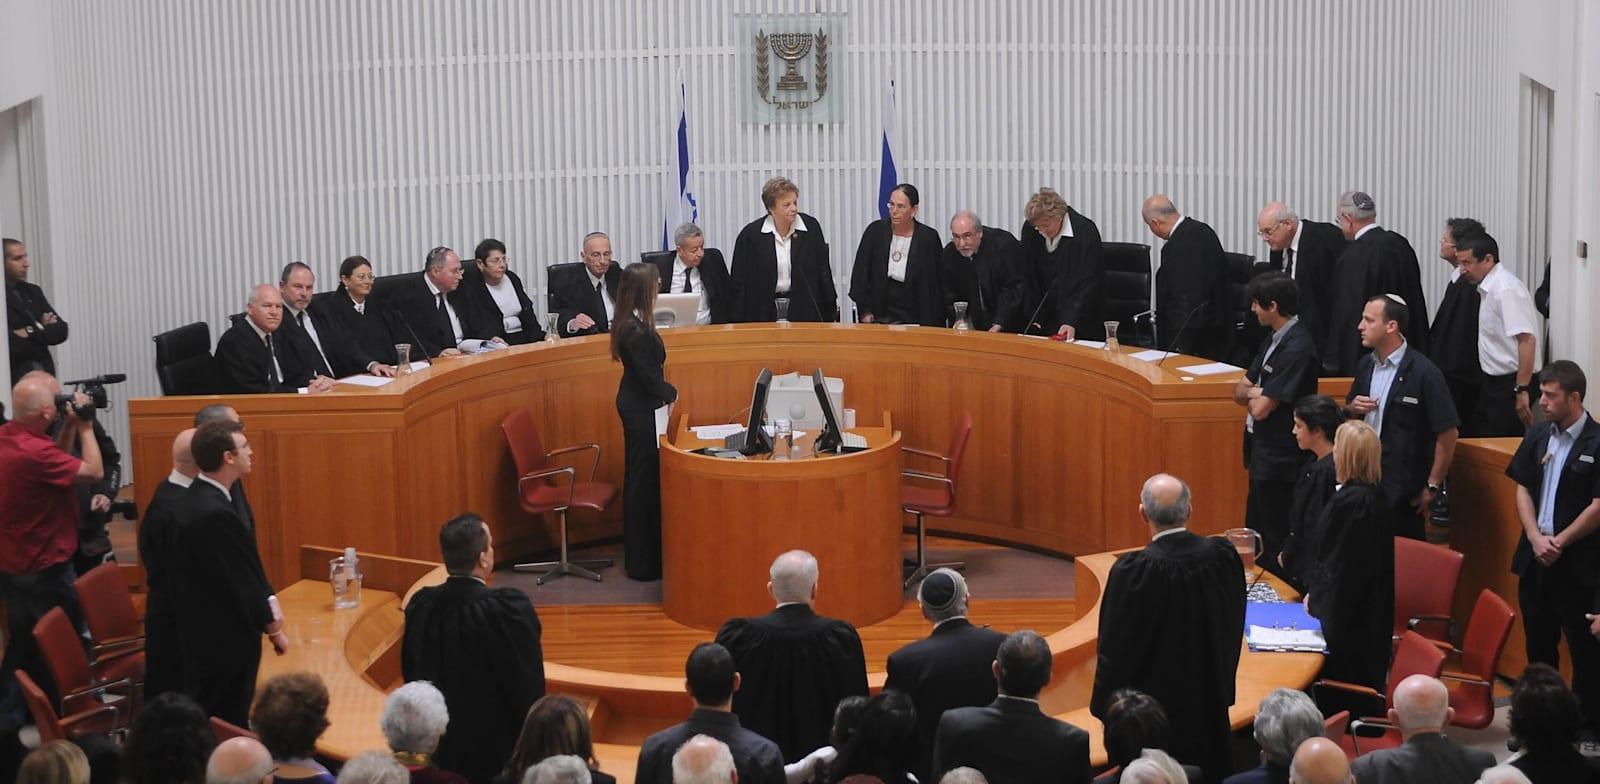 שופטי בית משפט עליון / צילום: אוריה תדמור